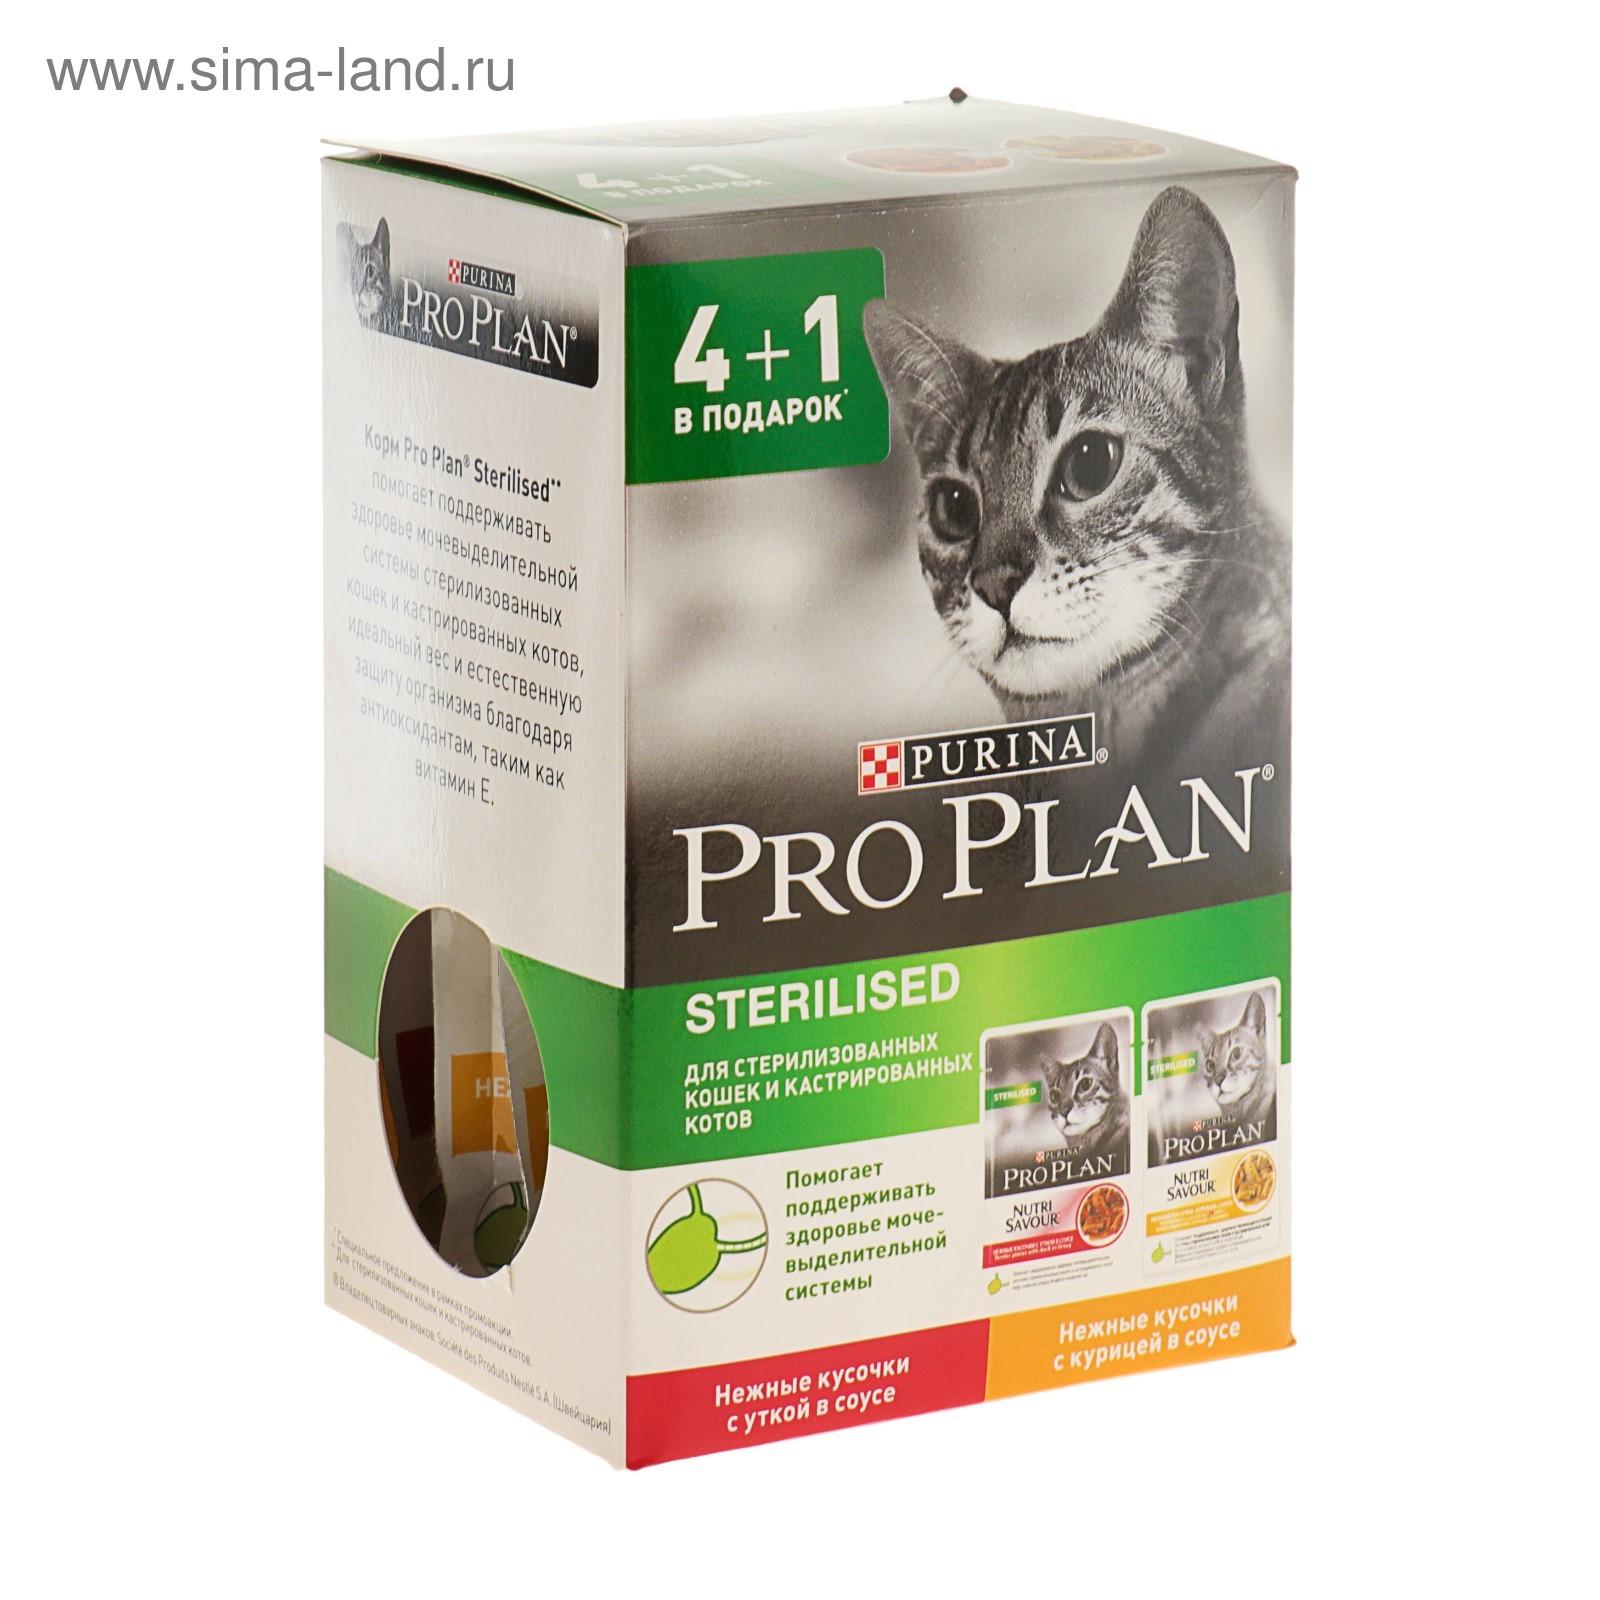 Купить влажный корм для кошек по акции